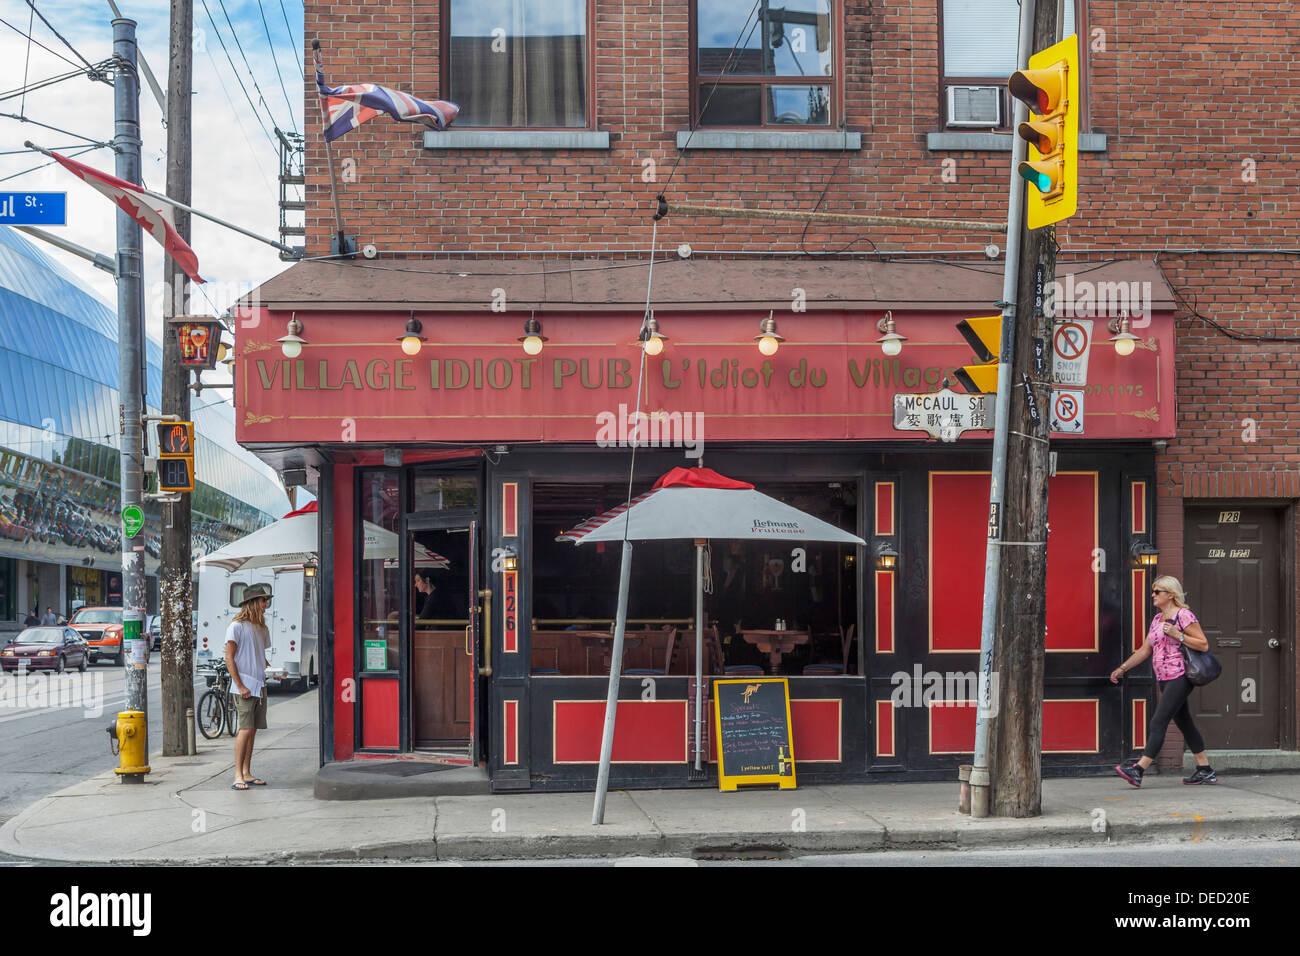 """""""L'Idiot du Village Pub' 'L'Idiot du Village"""" - Pub au coin de rue McCaul, Toronto Photo Stock"""